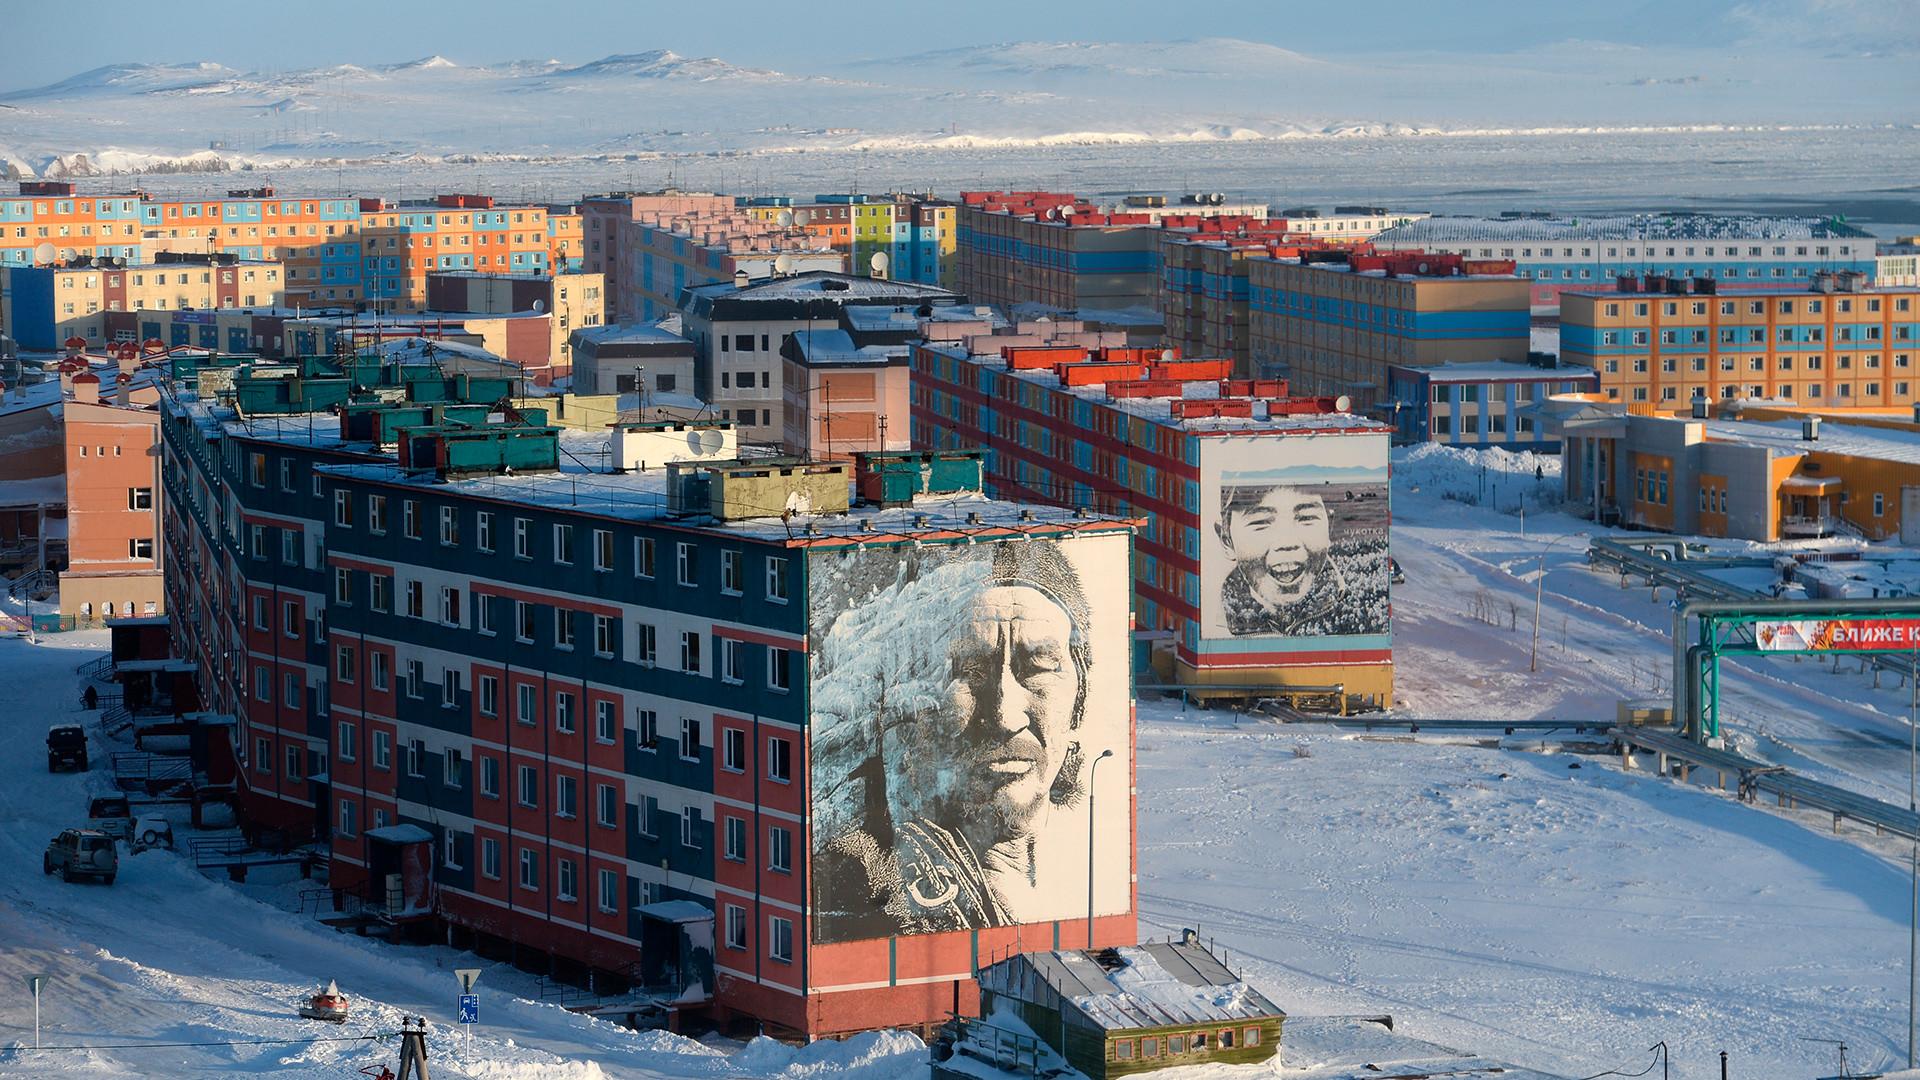 Стамбене зграде у данашњем Анадиру, главном граду Чукотског аутономног округа Руске Федерације.